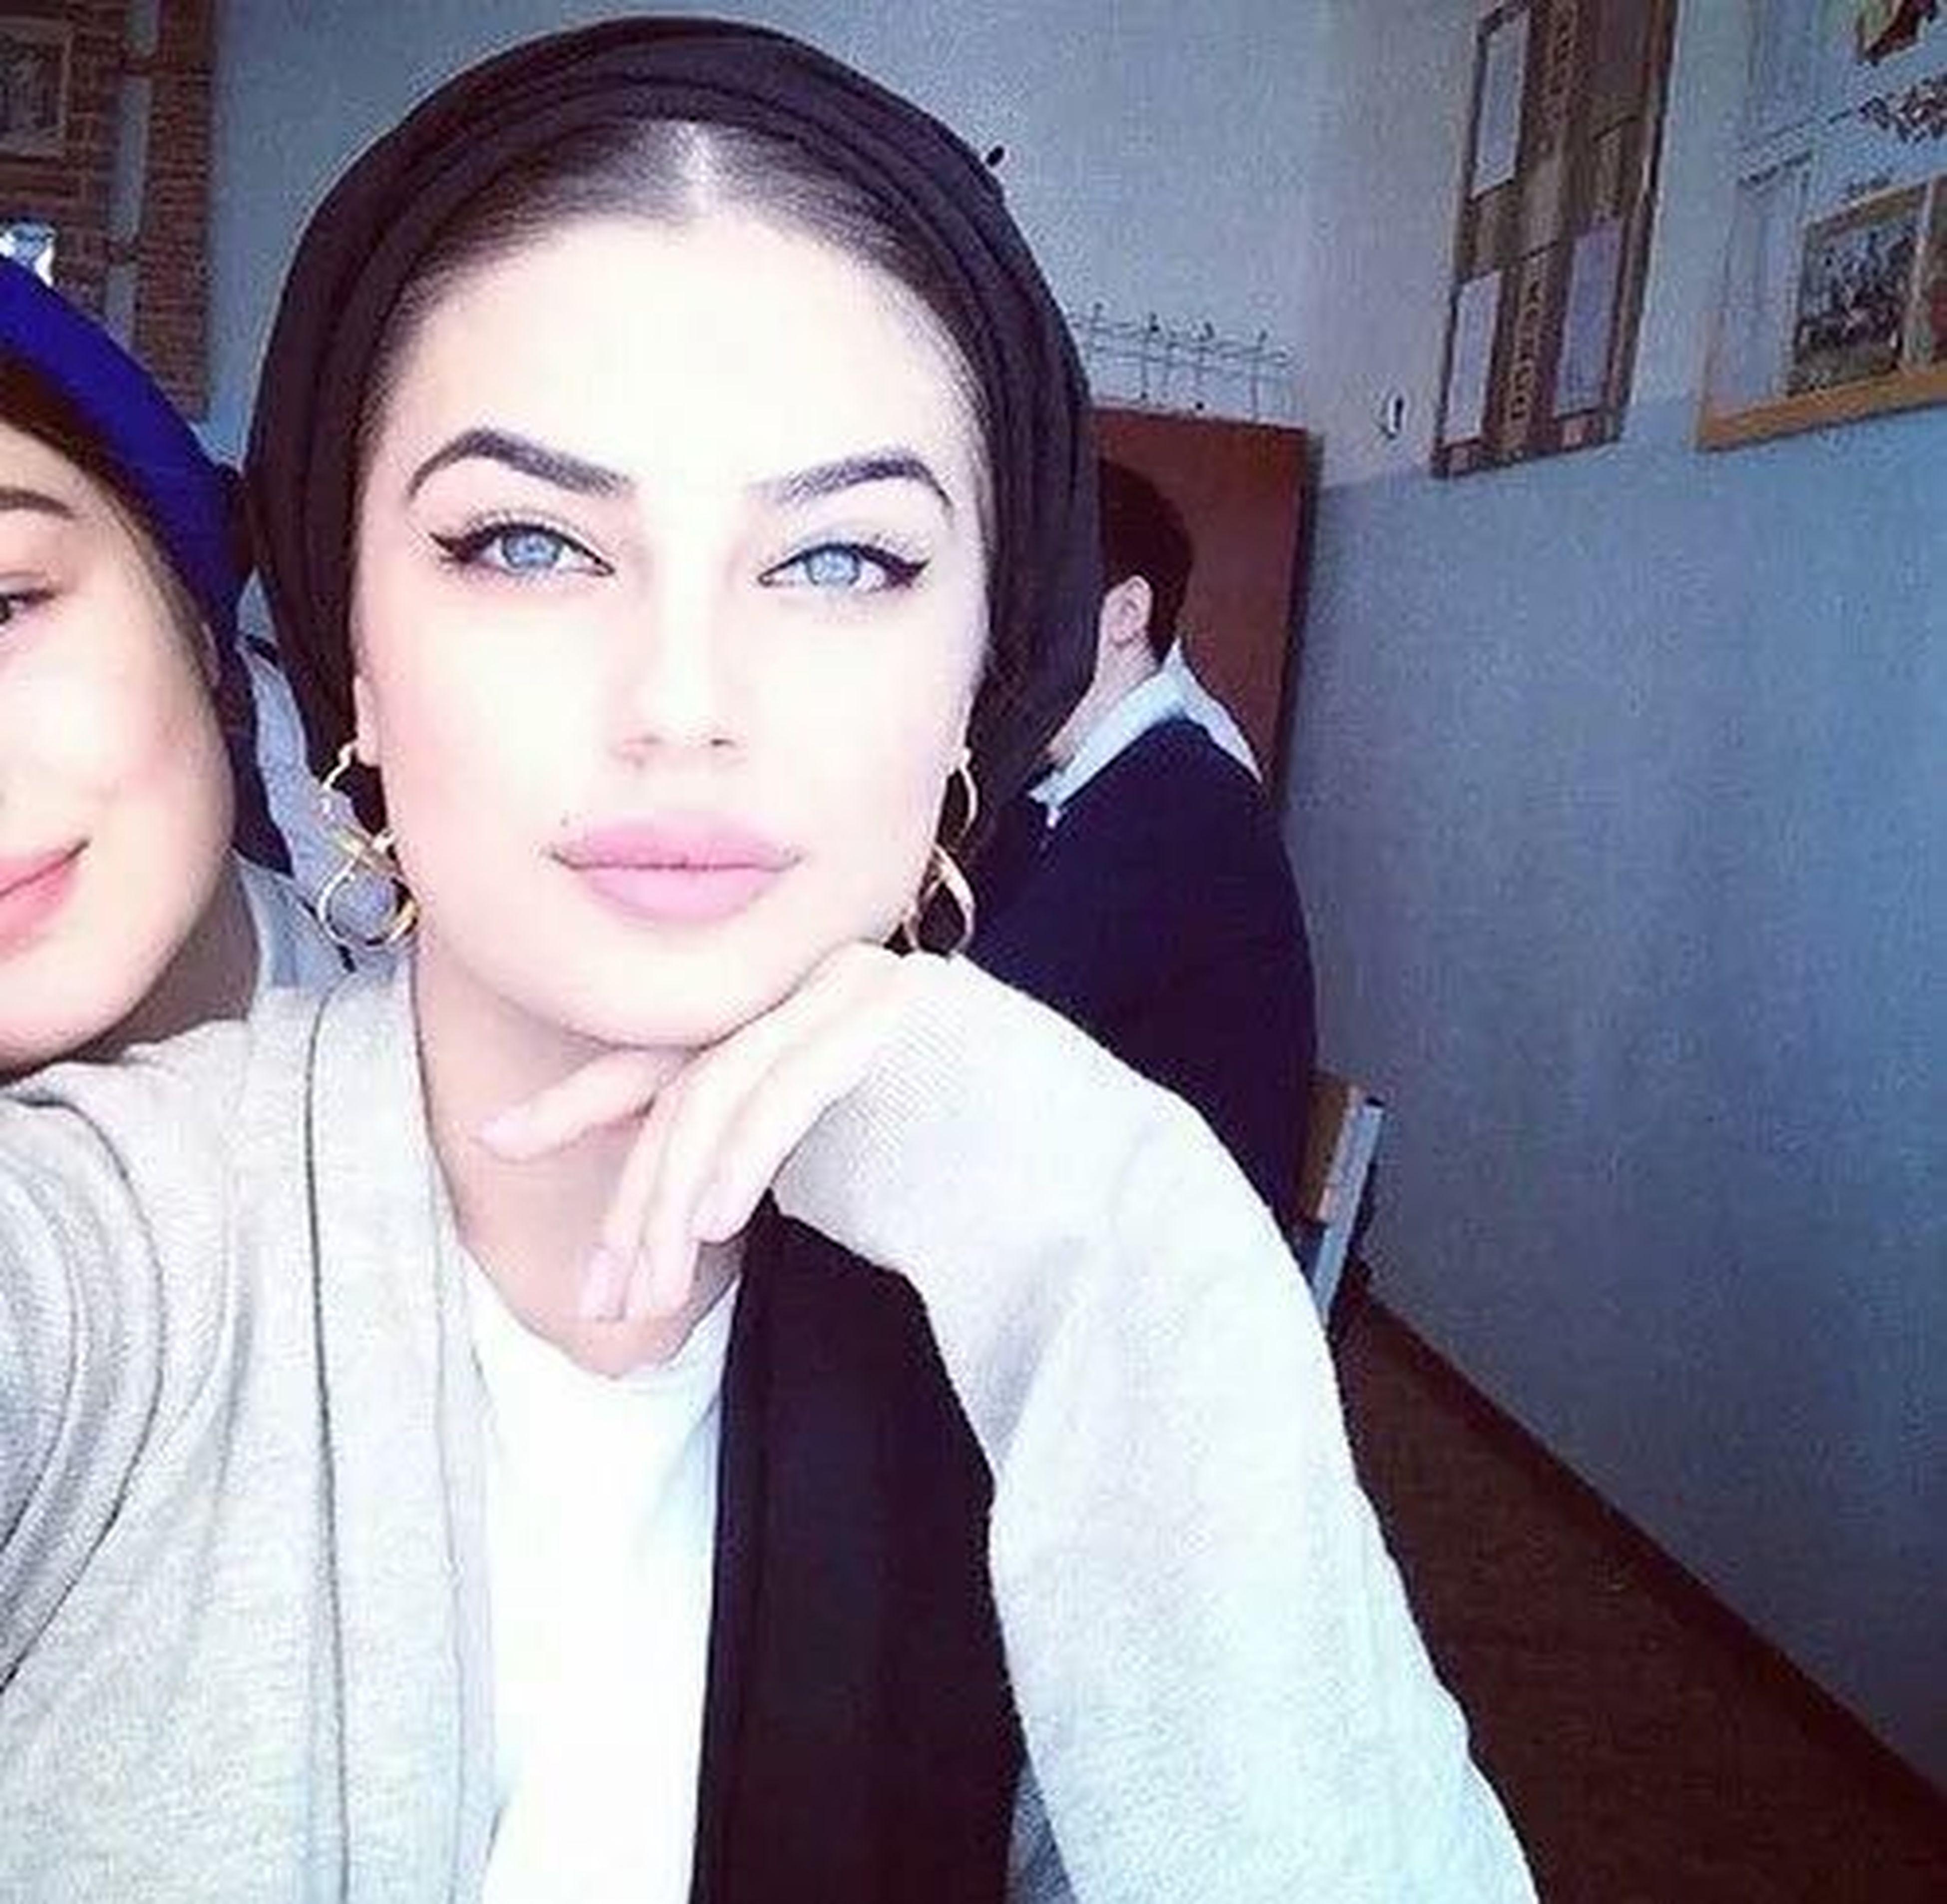 I Love This Girl ❤ Vıp Face Real Girls Girls